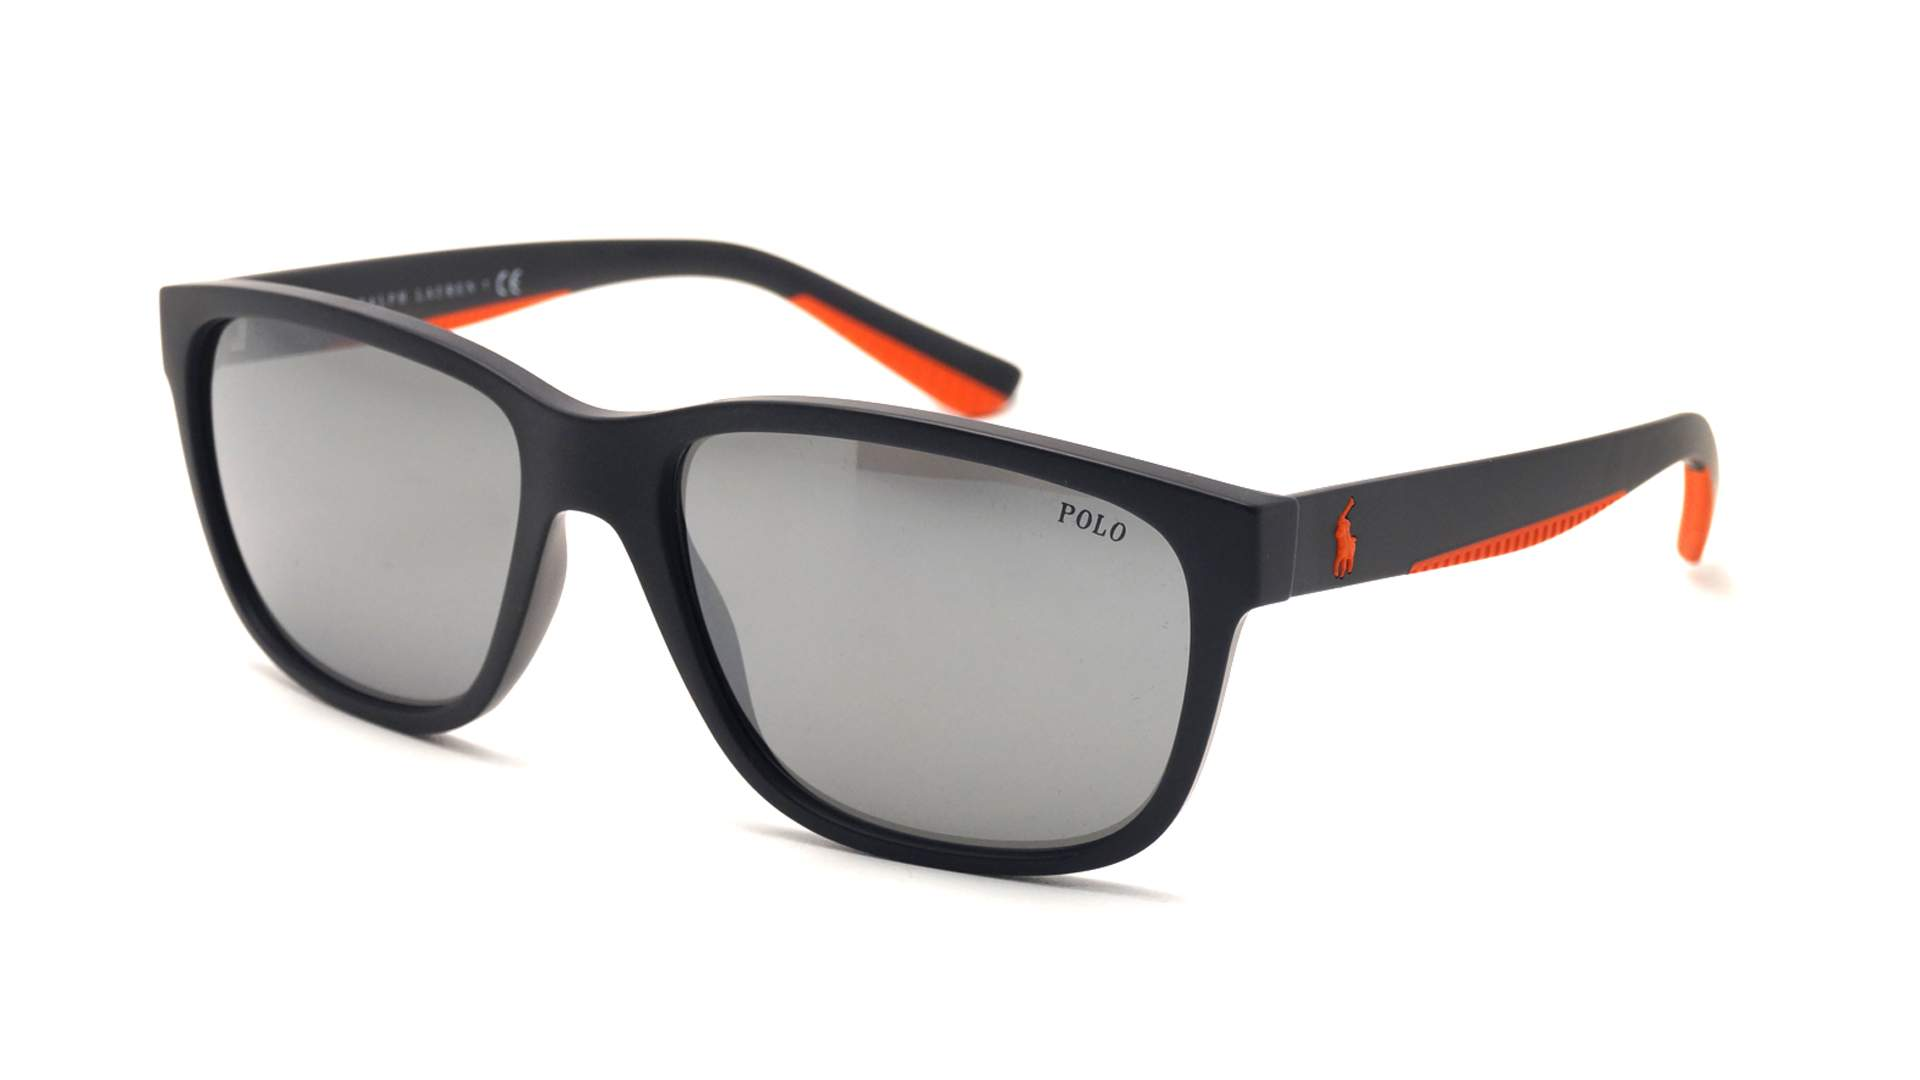 lunettes soleil polo ralph lauren homme,lunettes soleil